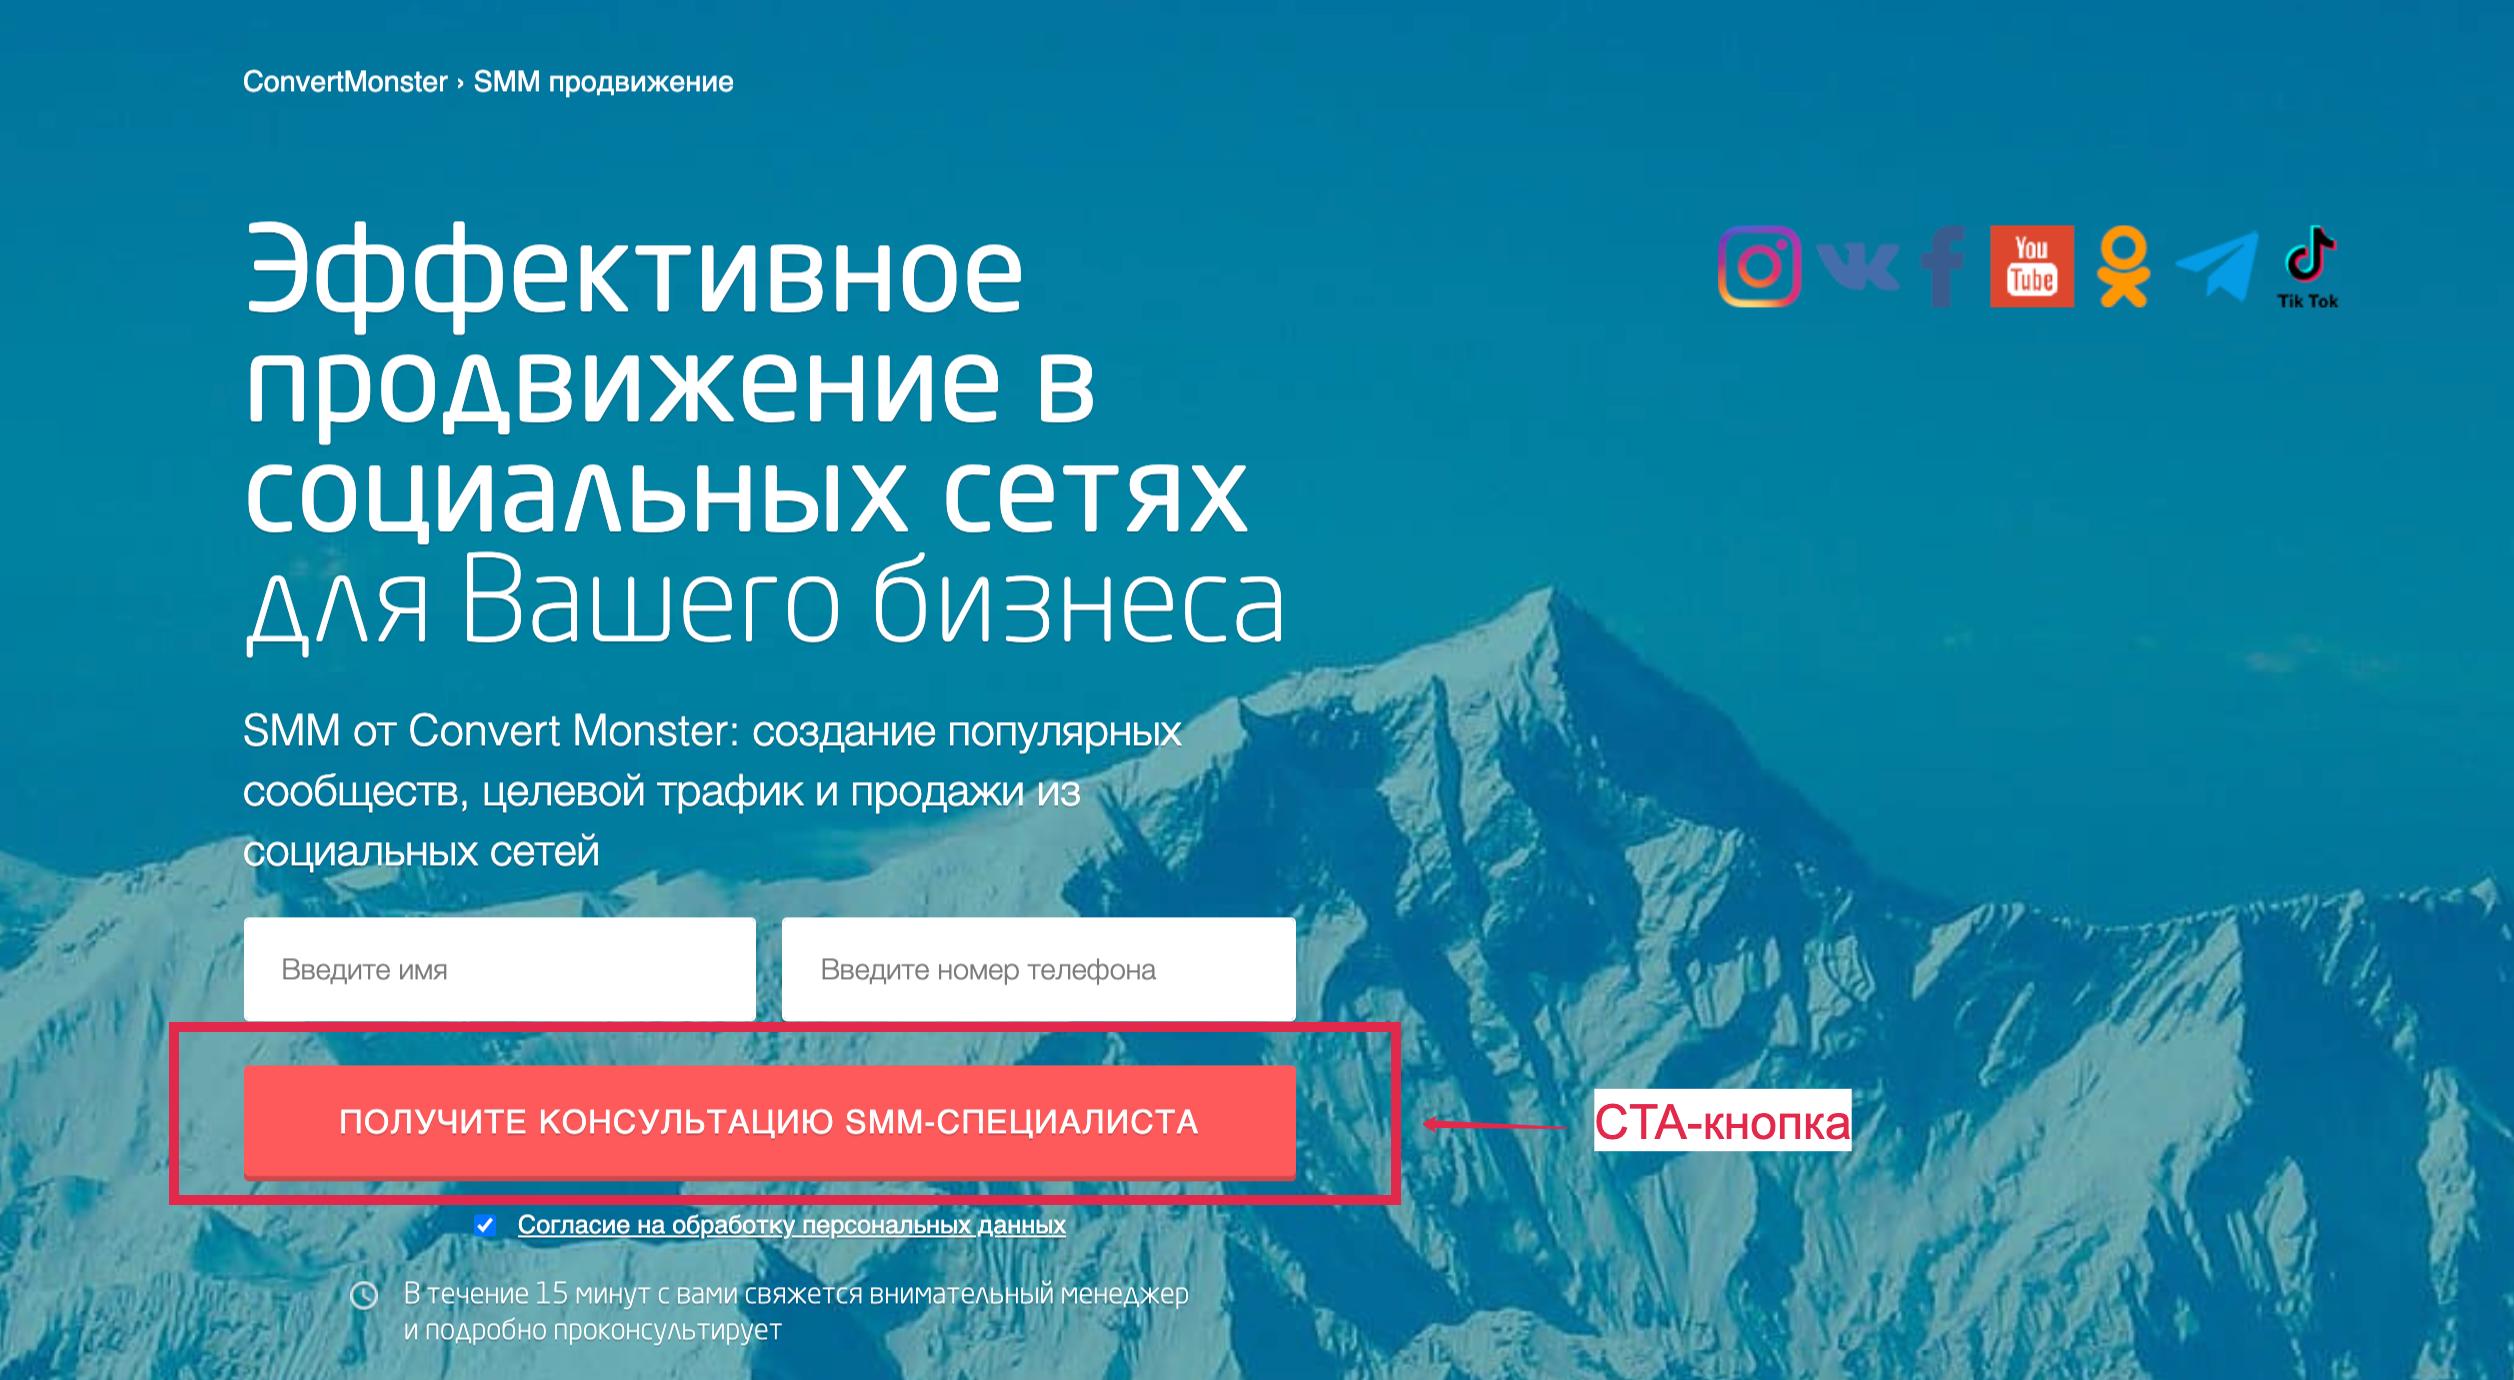 Пример CTA-кнопки на сайте